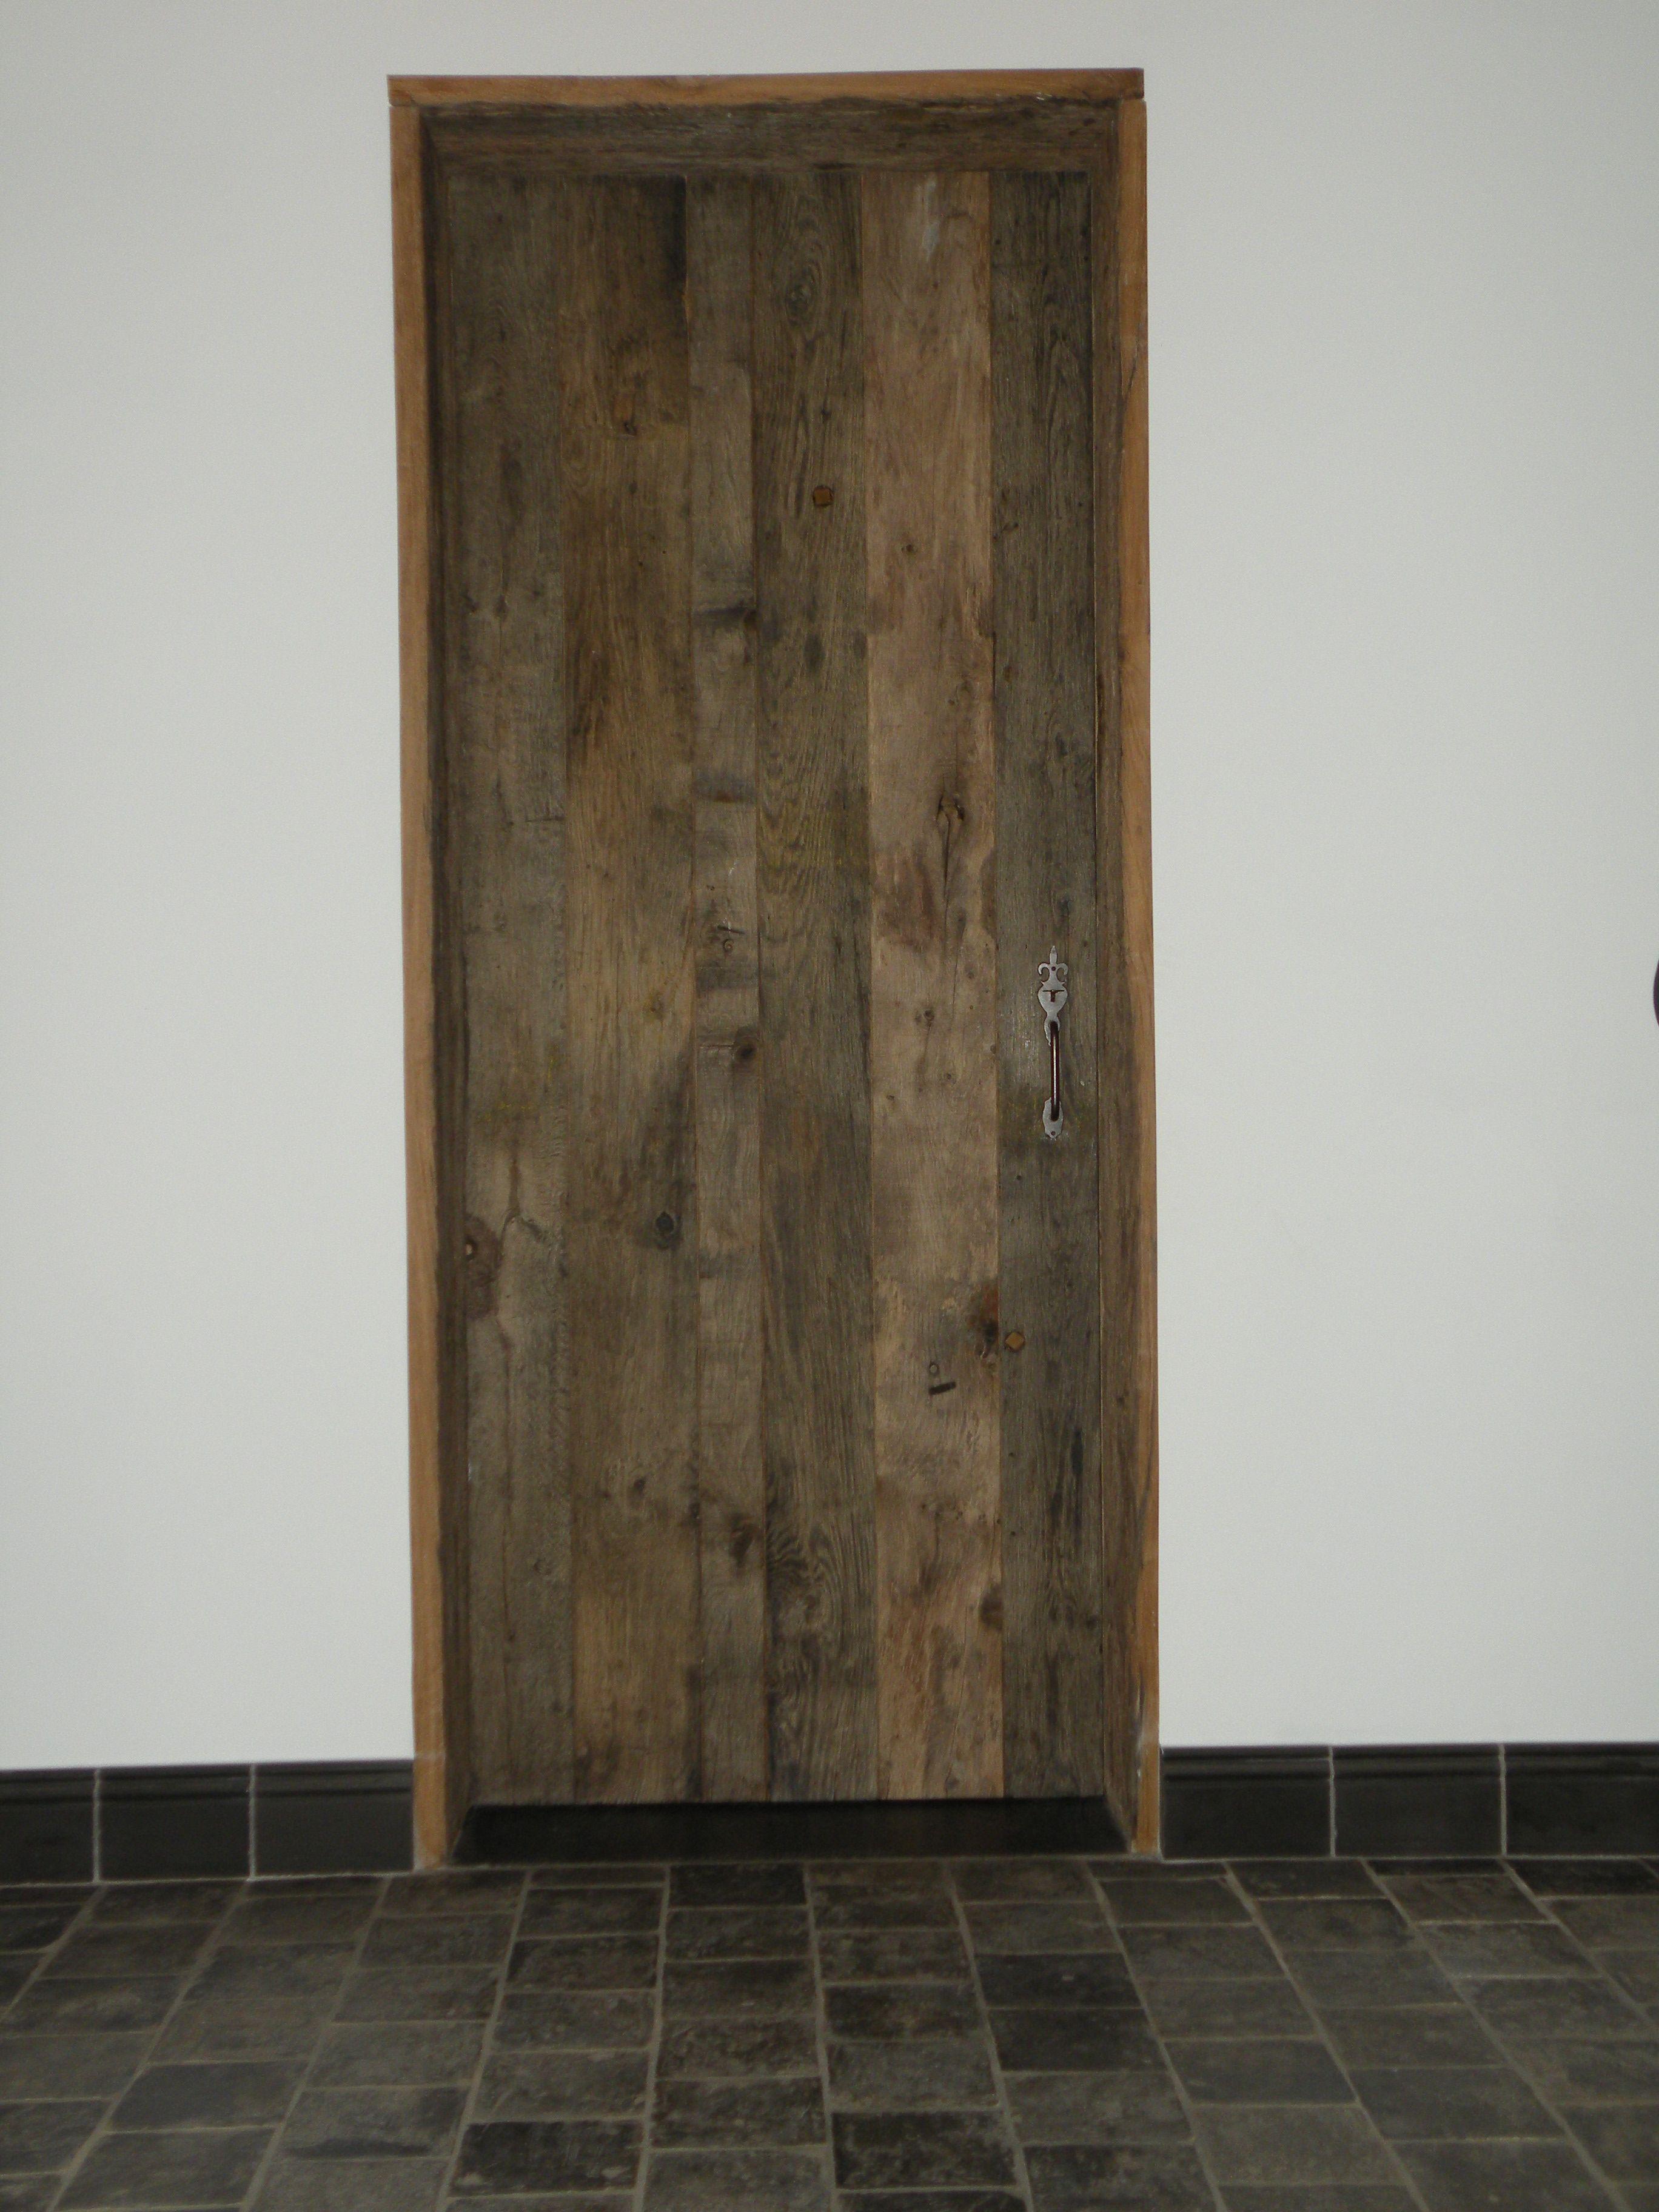 houten binnendeuren uit wagonhout ideeà n voor het huis